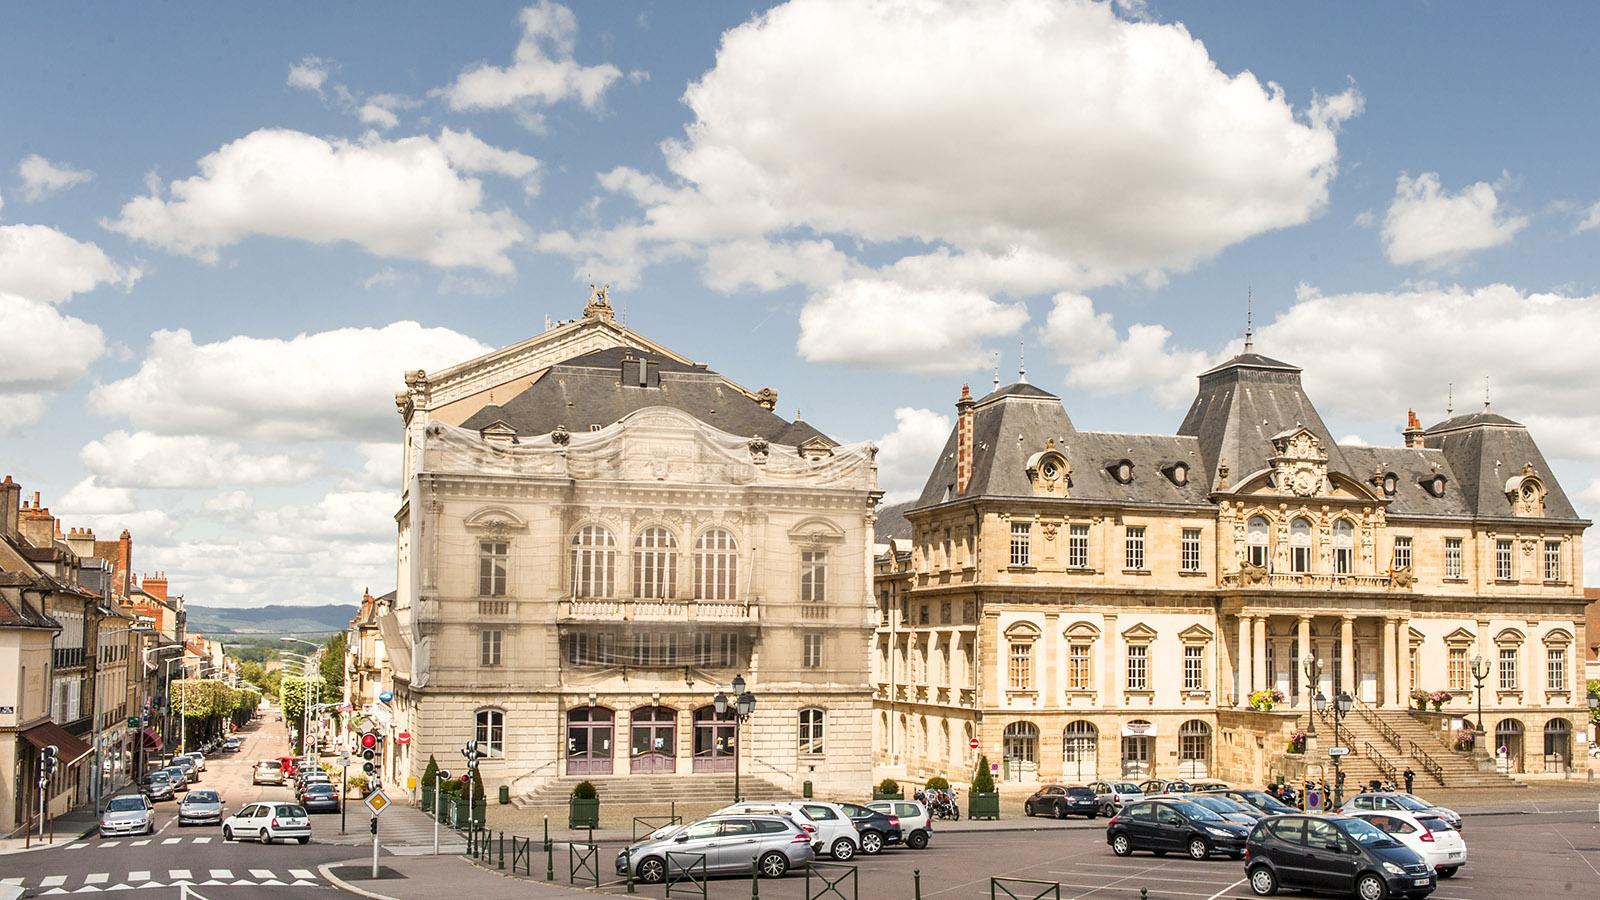 Autun: Rathaus und Stadttheater auf der Place du Champ de Mars. Foto: Hilke Maunder